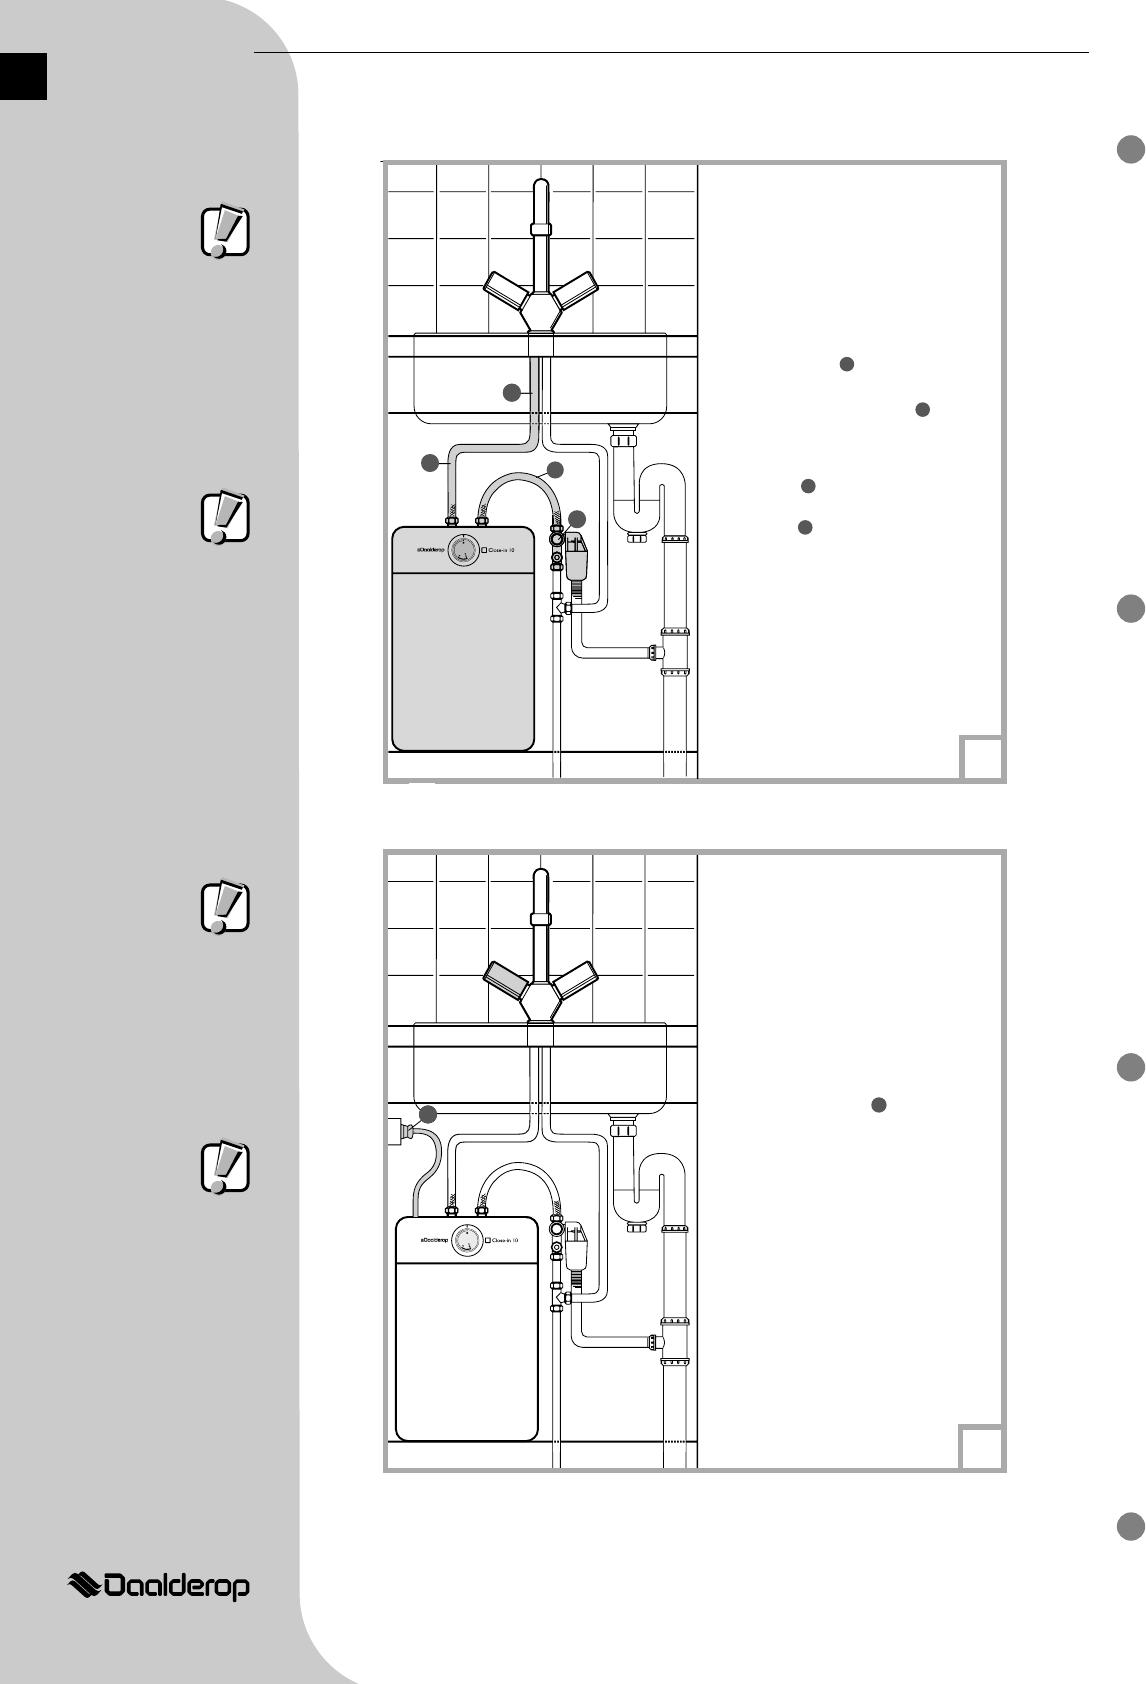 Genoeg Handleiding Daalderop Close-IN (pagina 1 van 24) (Nederlands) JZ16